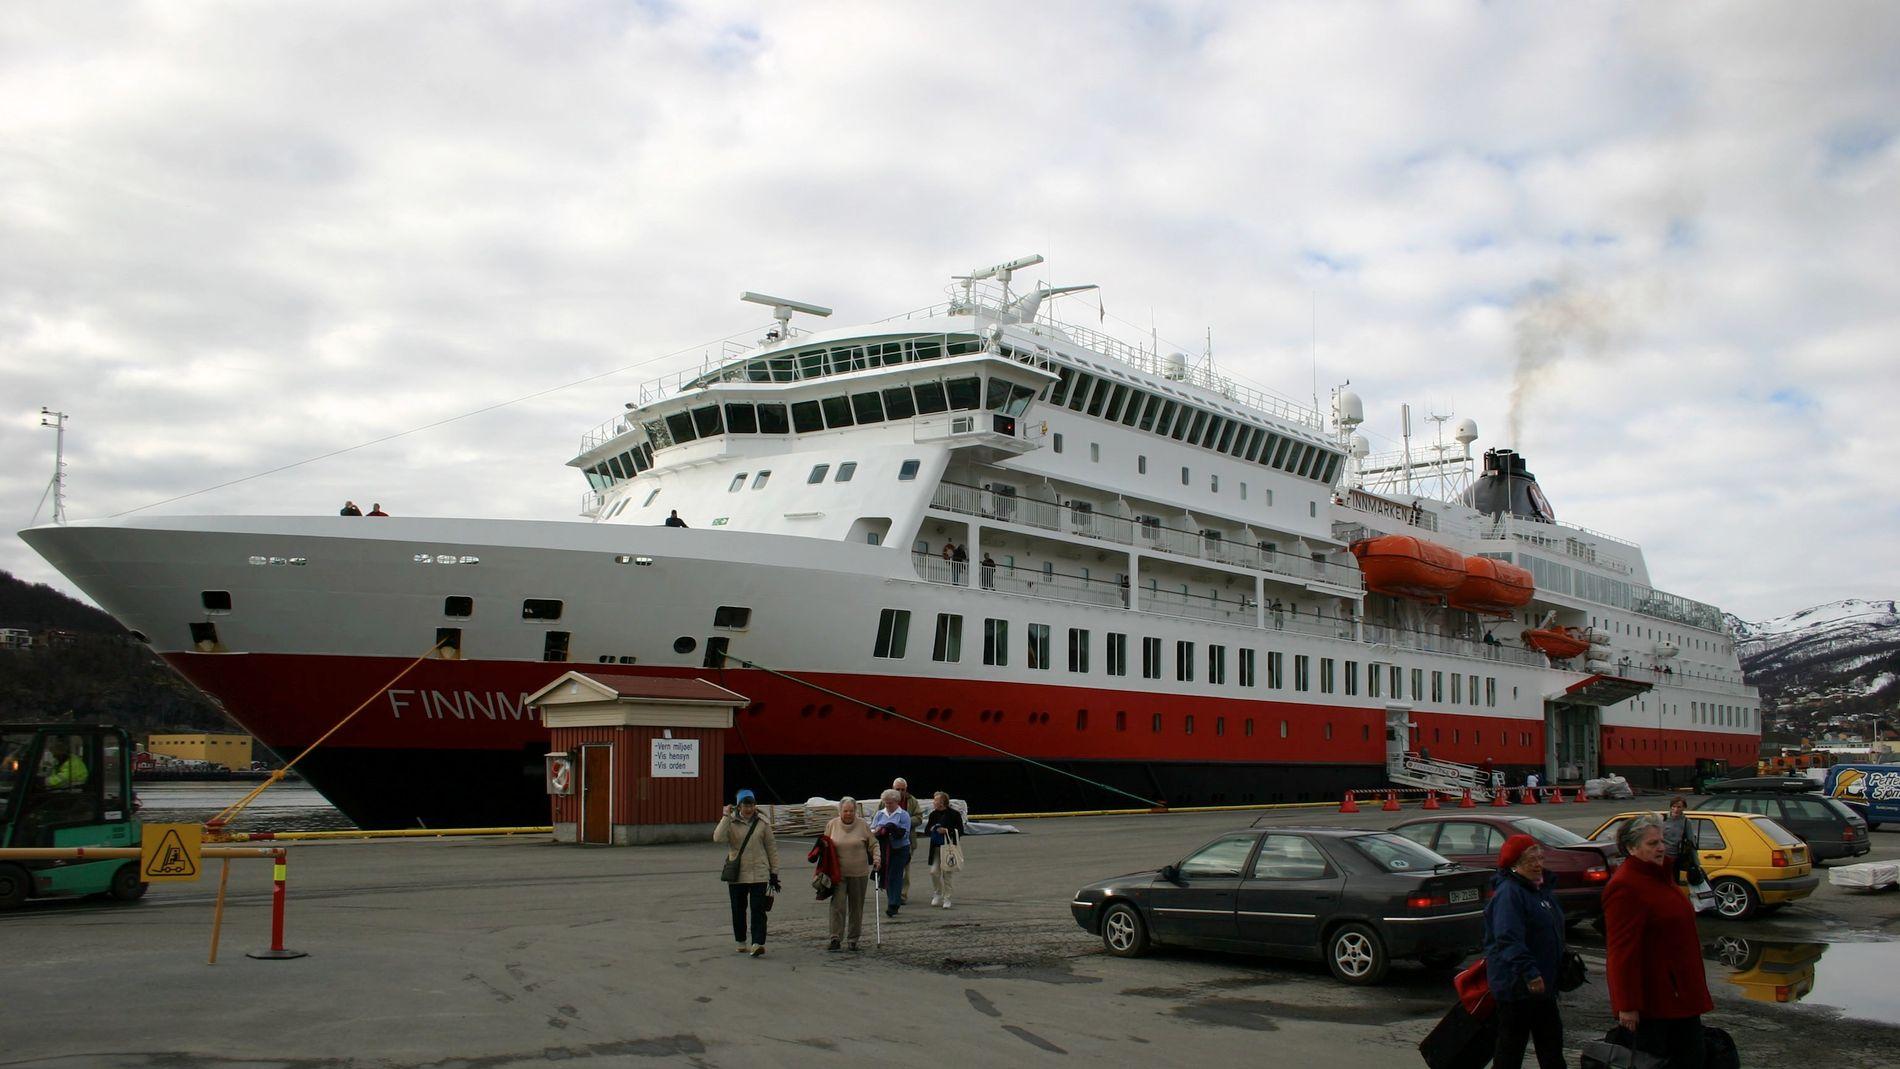 KJØRTE PÅ GRUNN: Hurtigruteskipet MS Finnmarken.